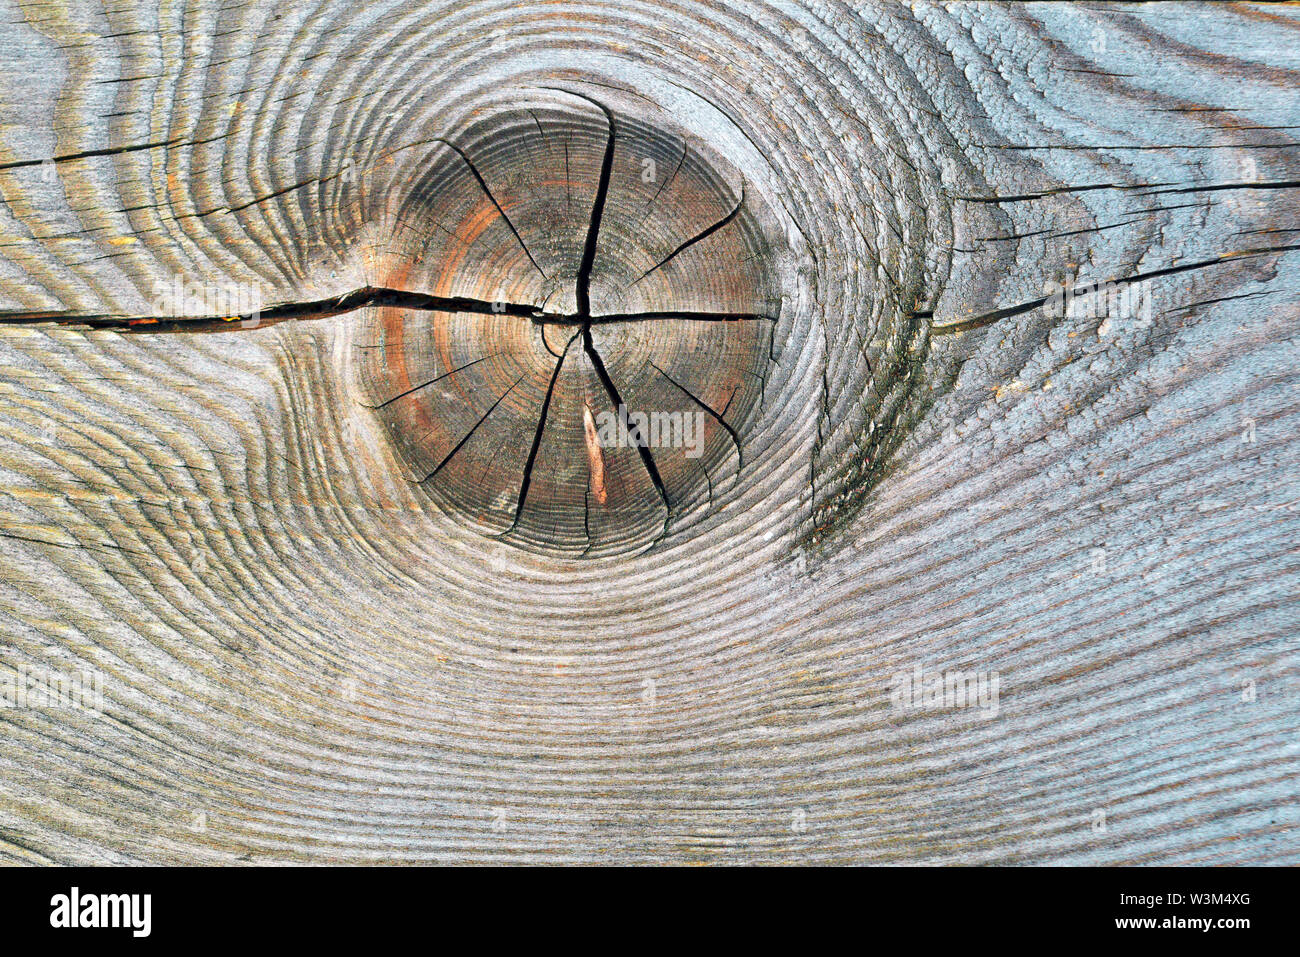 La textura de la porción del viejo tocón podrido con grietas y anillos anuales. Foto de stock